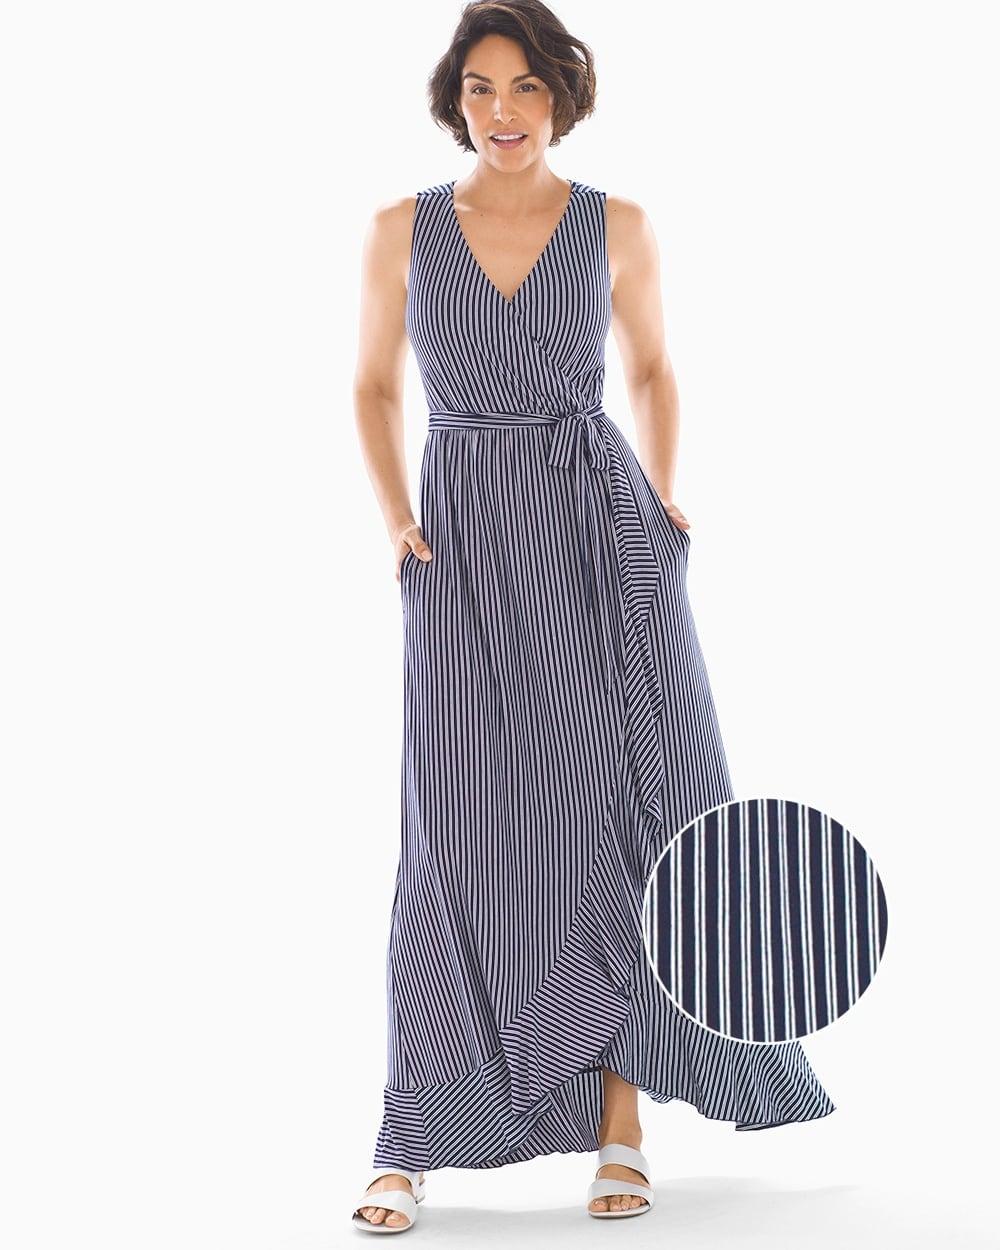 3739c09bcd Ruffle Border Maxi Dress Navy Stripe - Soma